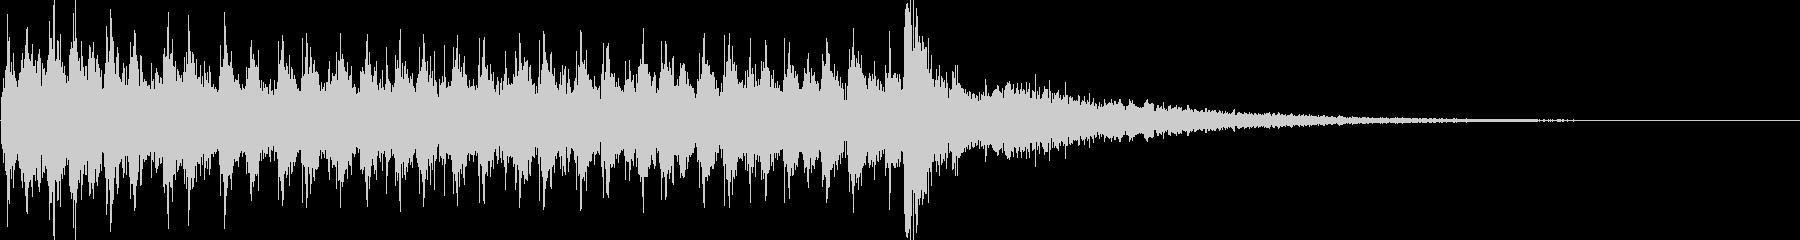 ドラムロール(シンバルまで2秒)の未再生の波形